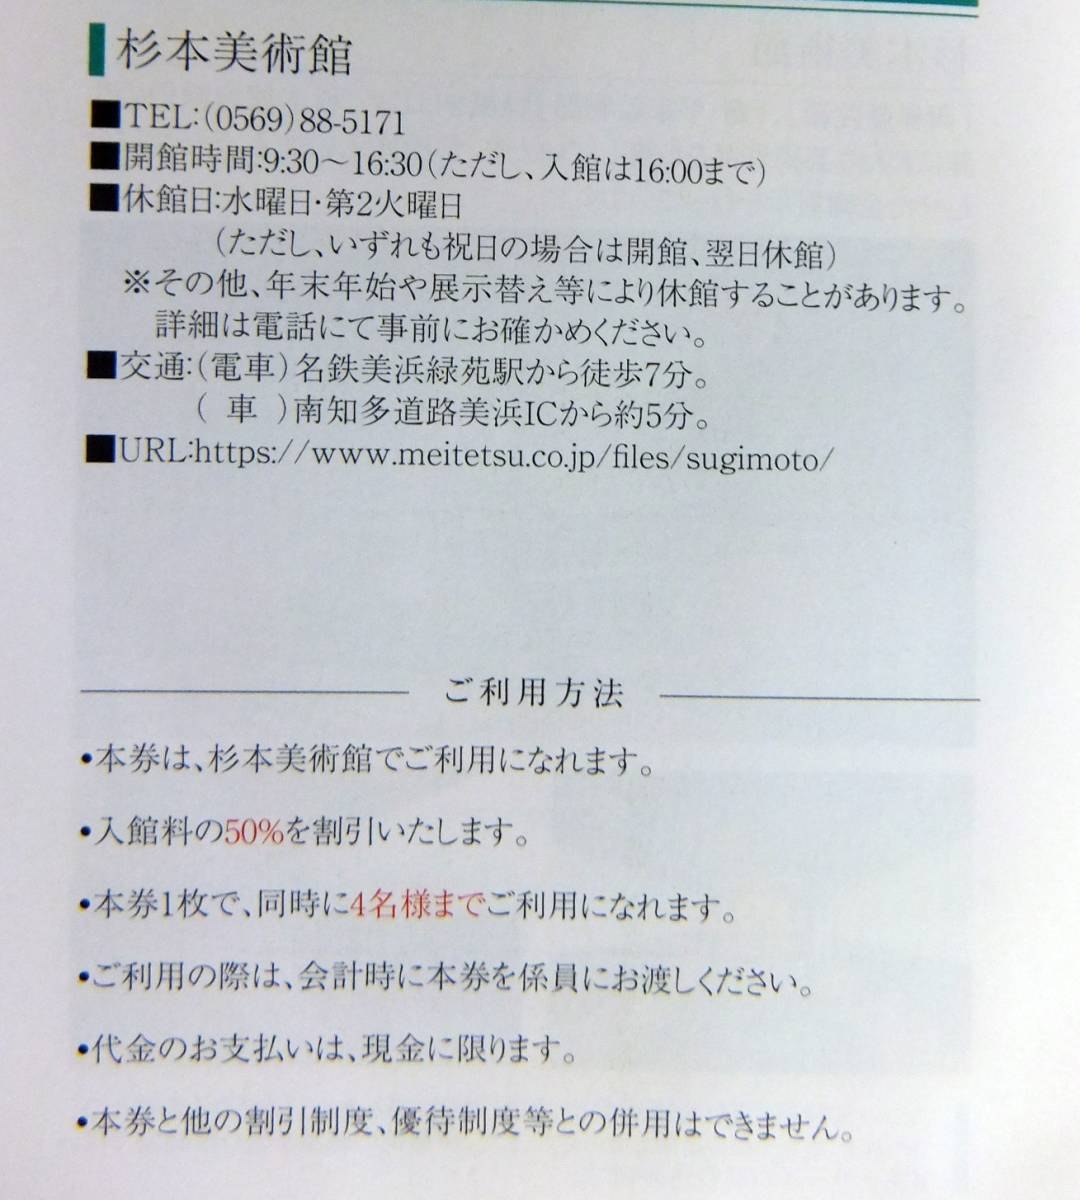 杉本美術館 優待割引券 半額 名鉄株主優待券_画像4